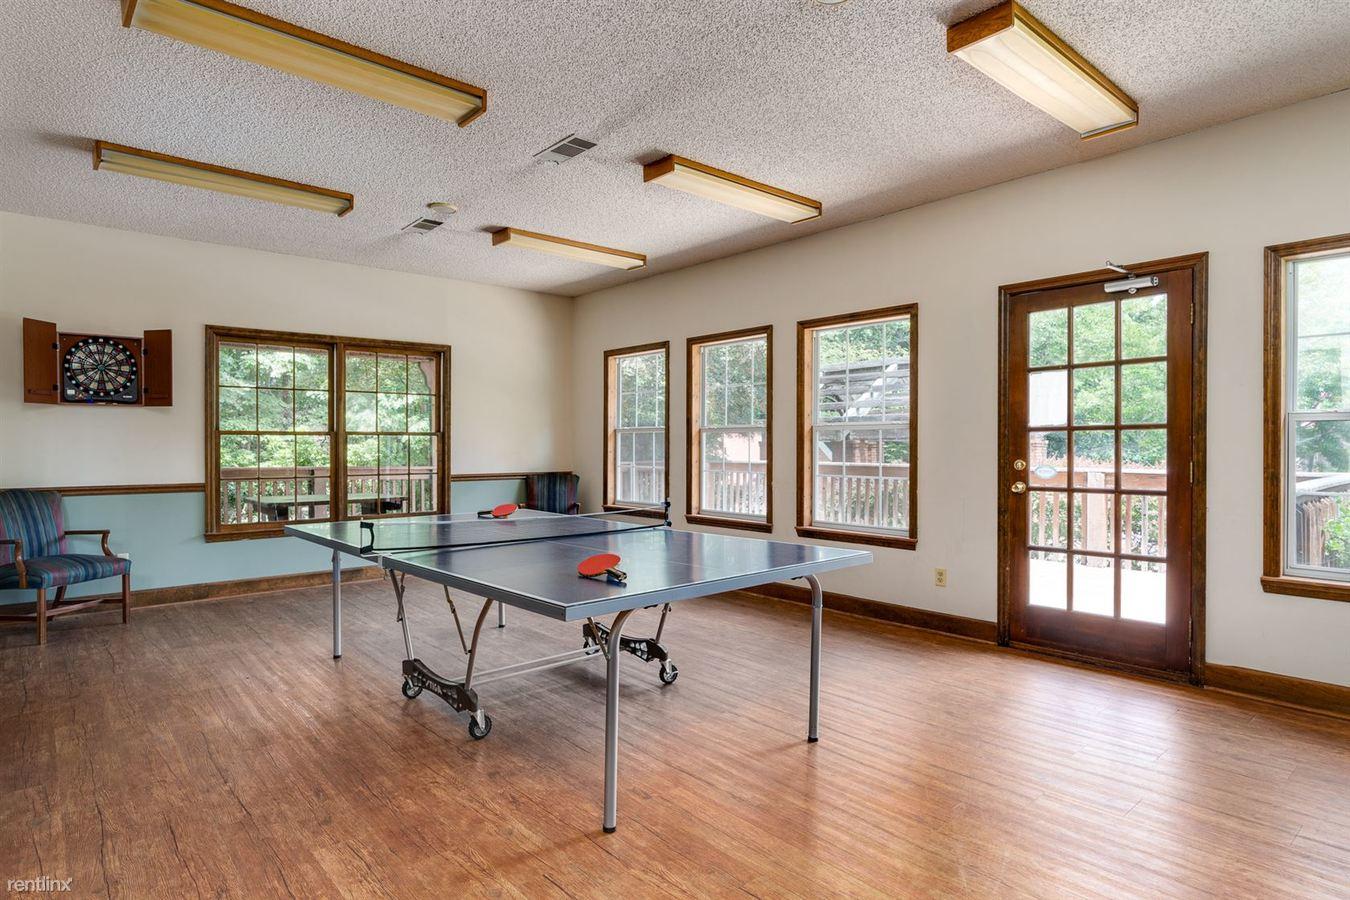 Park Canyon Apartments - Valley Dalton, GA